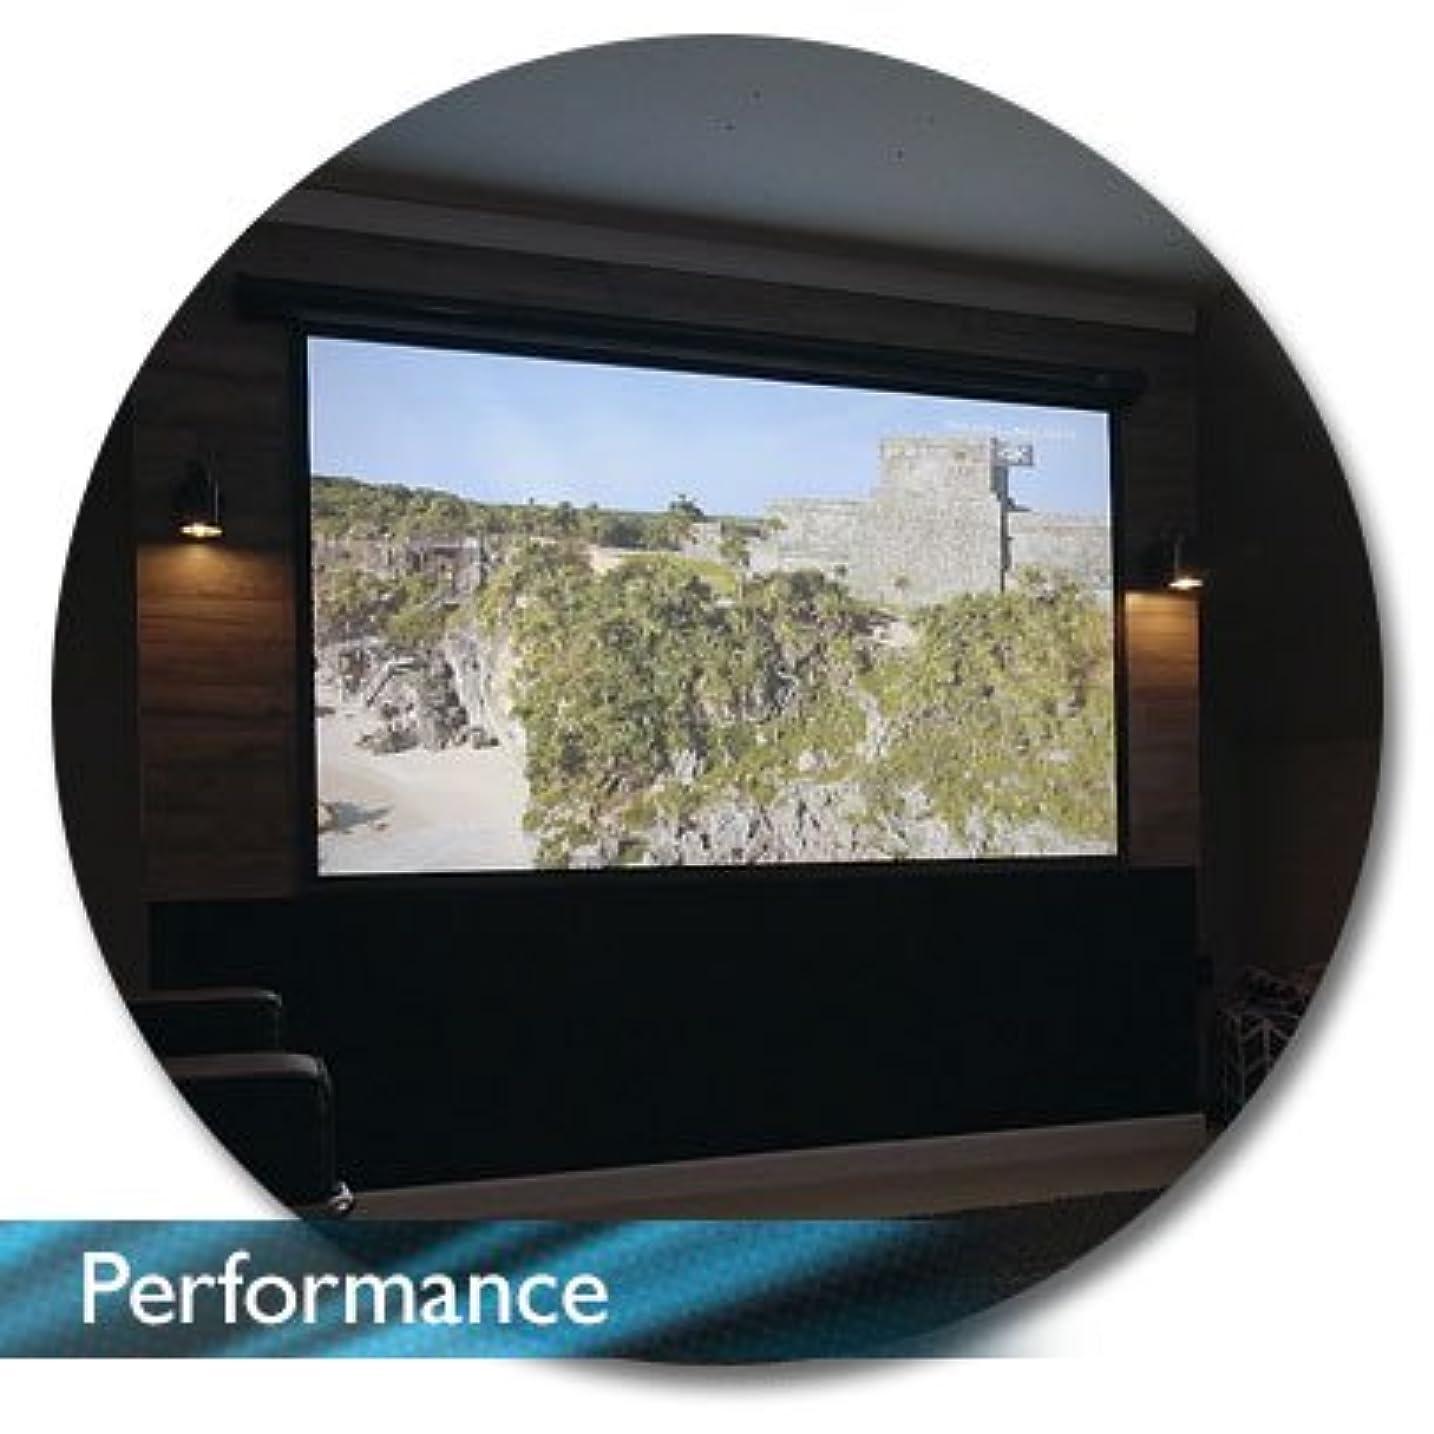 兄弟愛害虫シロクマAKIA スクリーン 電動タイプ 100インチ 画像比率 16:9 プロジェクタースクリーン 4K 高解像度 ホームシアター 天吊り 壁掛け RFリモコン トリガー対応(ブラック)